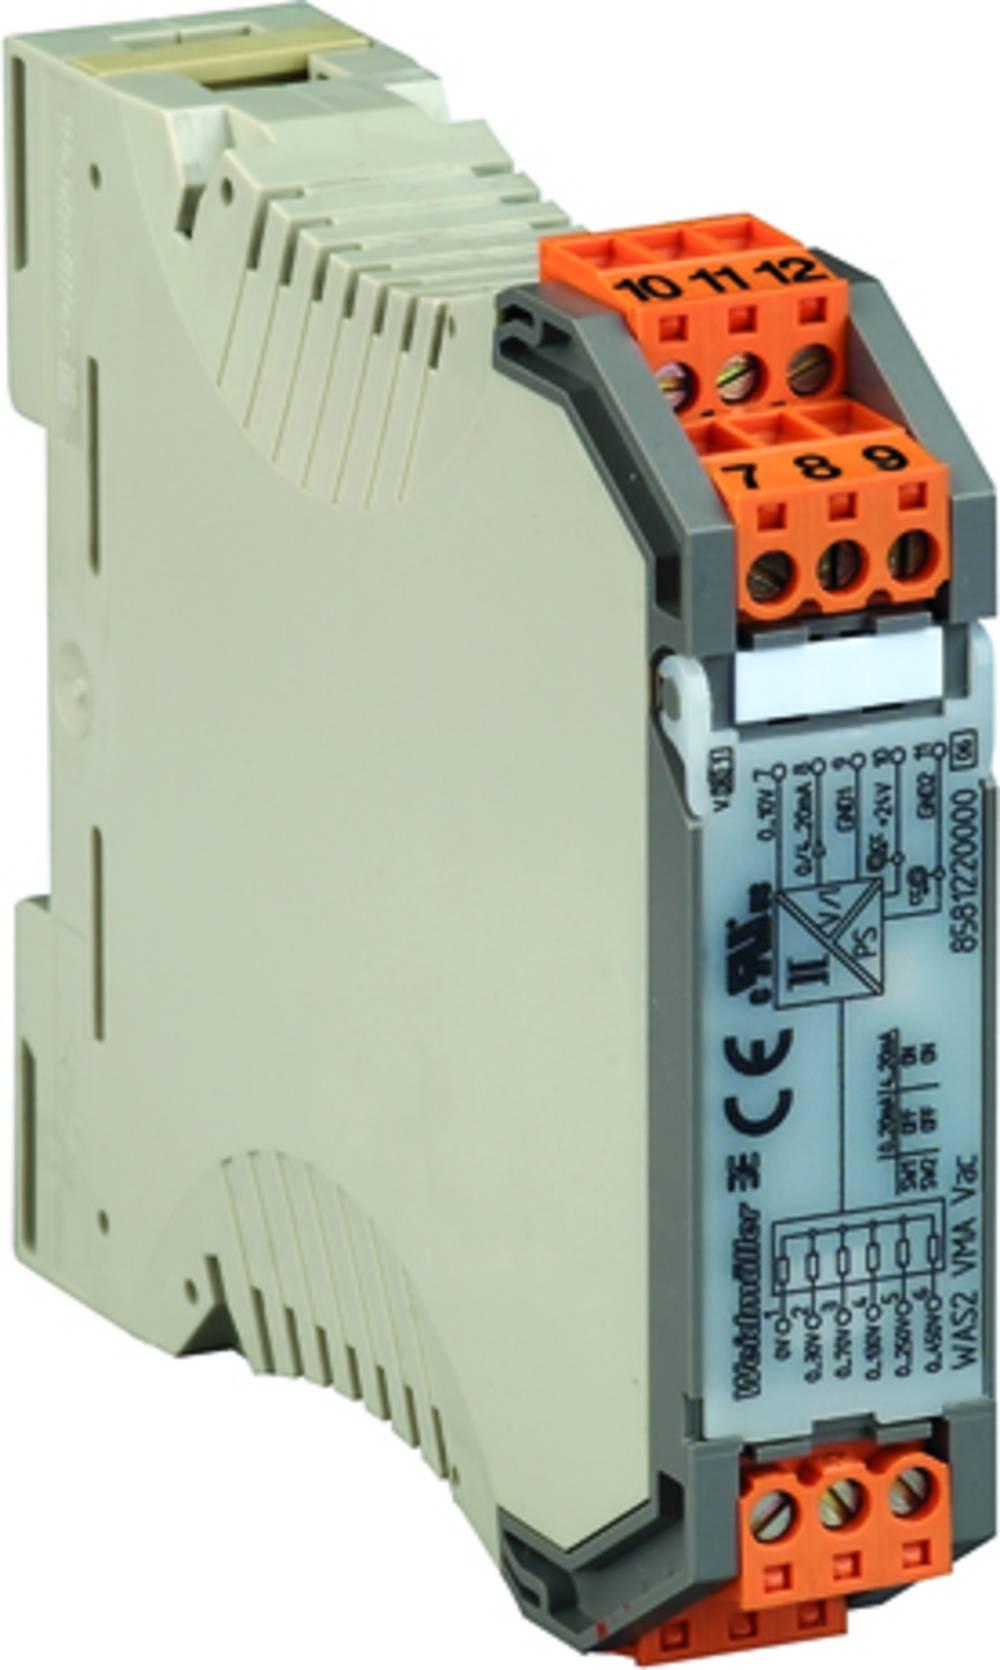 Spremljanje električne energije WAS2 CMA 5/10A UC kataloška številka 8526610000 Weidmüller vsebuje: 1 kos